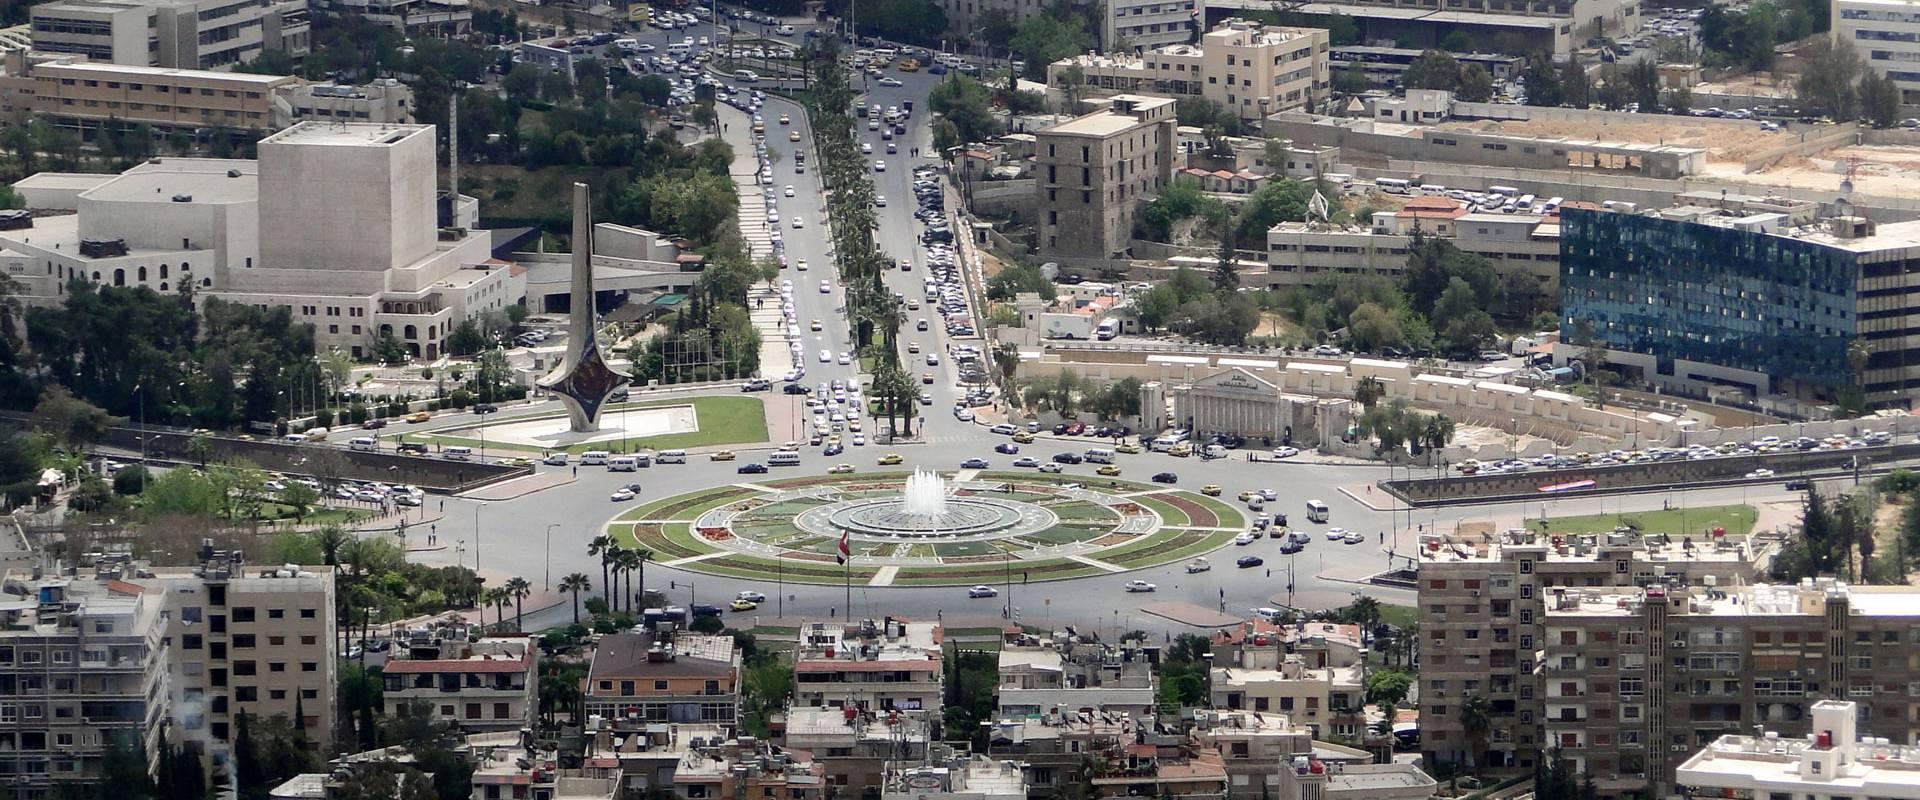 Umayyad Square in Damascus